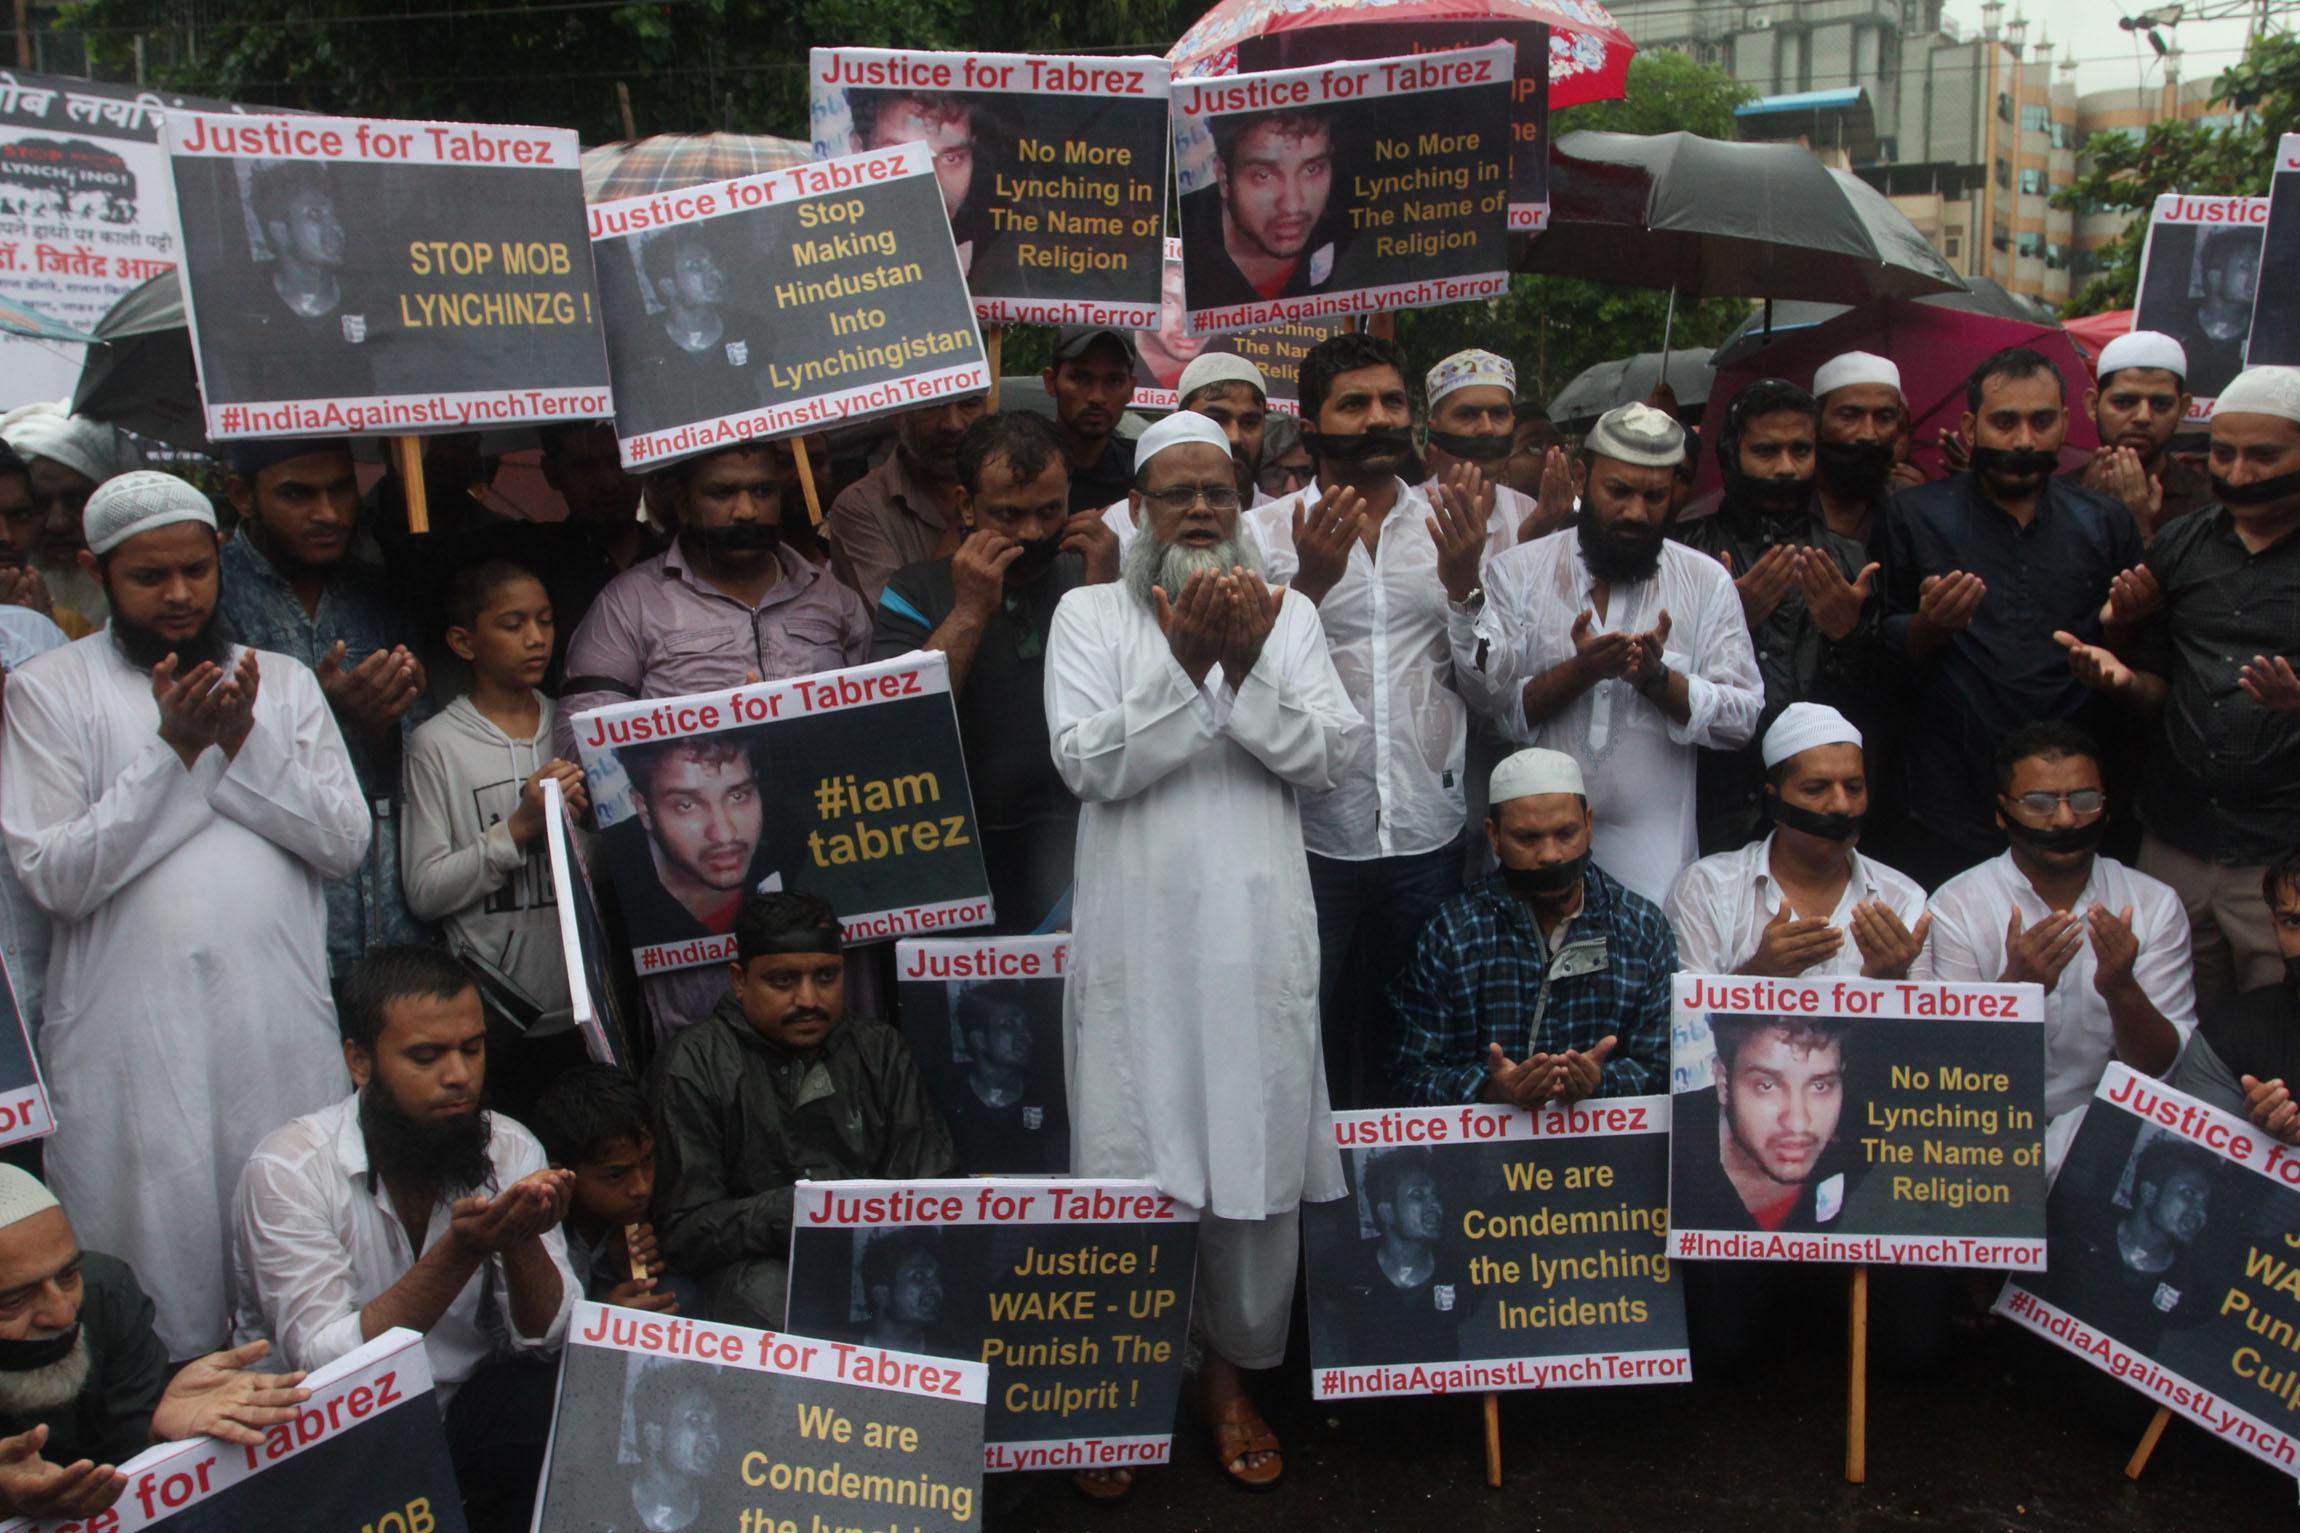 الهندوس المسلمين